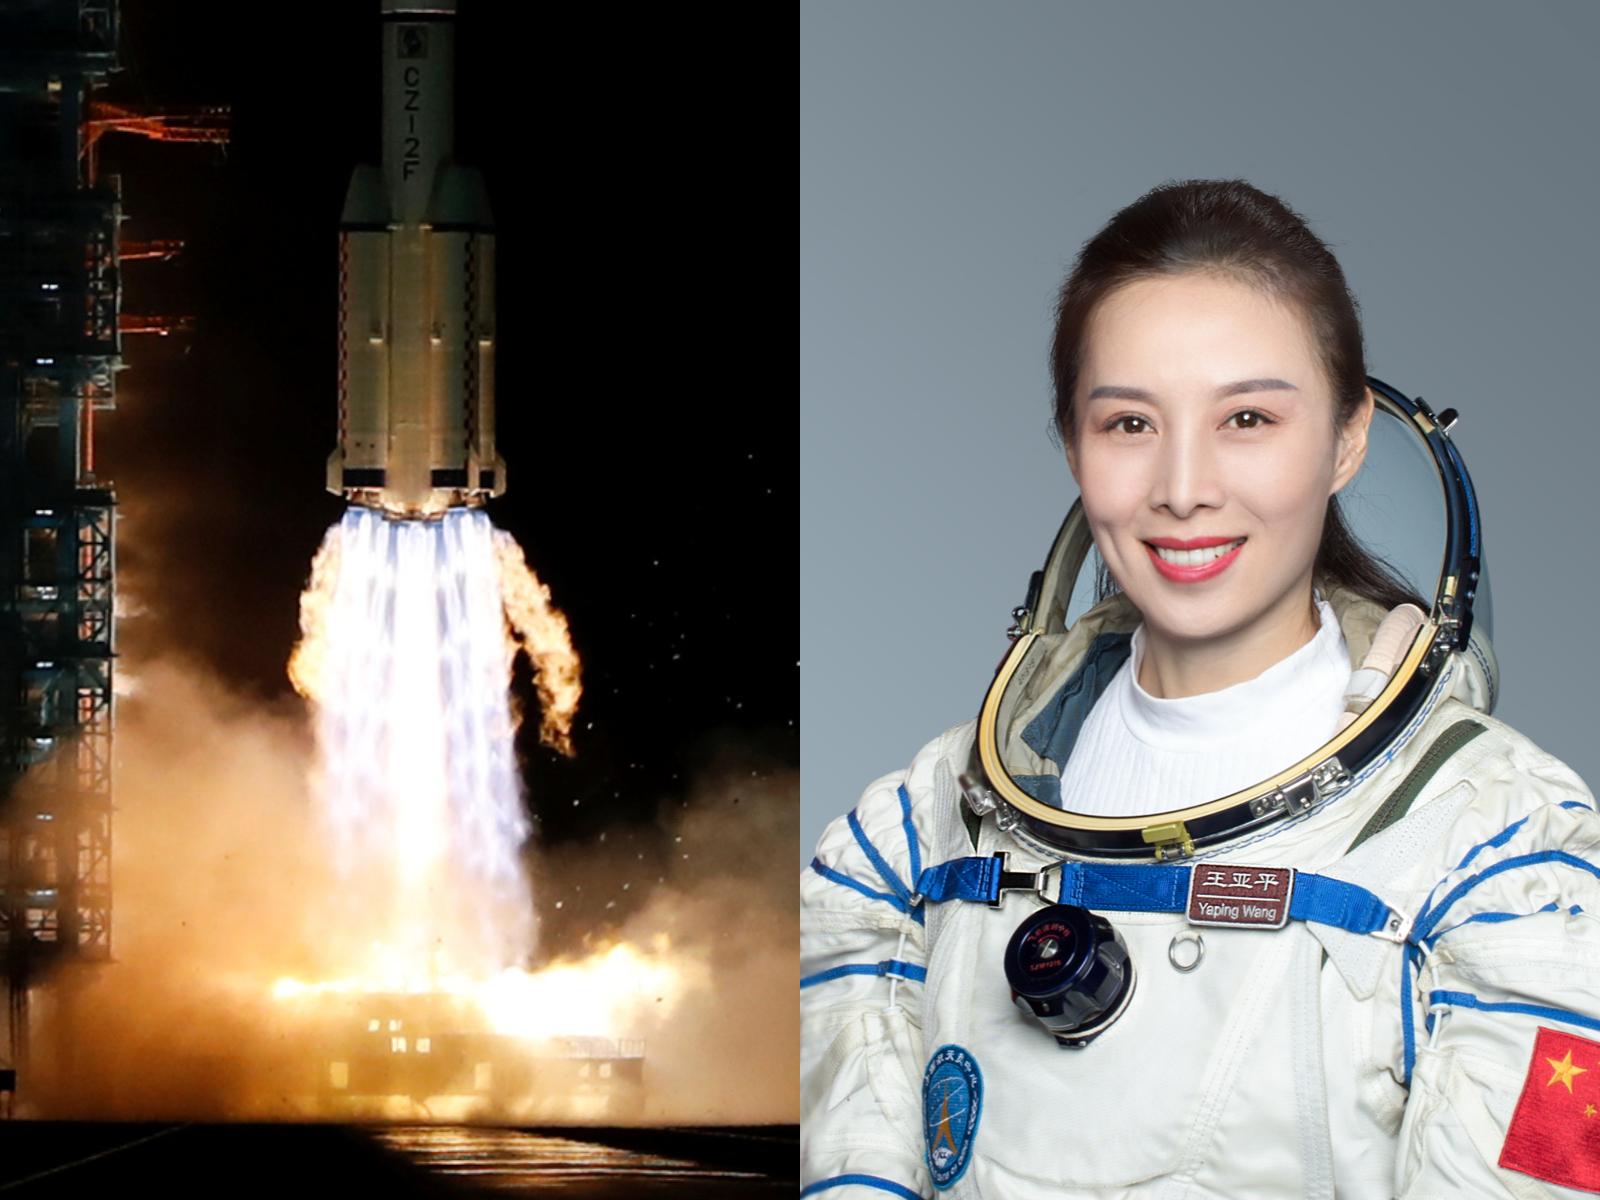 神舟十三号载送3名太空人升空,中国女太空人王亚平将进驻太空站,也将出舱进行任务。 路透、中新社(photo:AppleDaily)